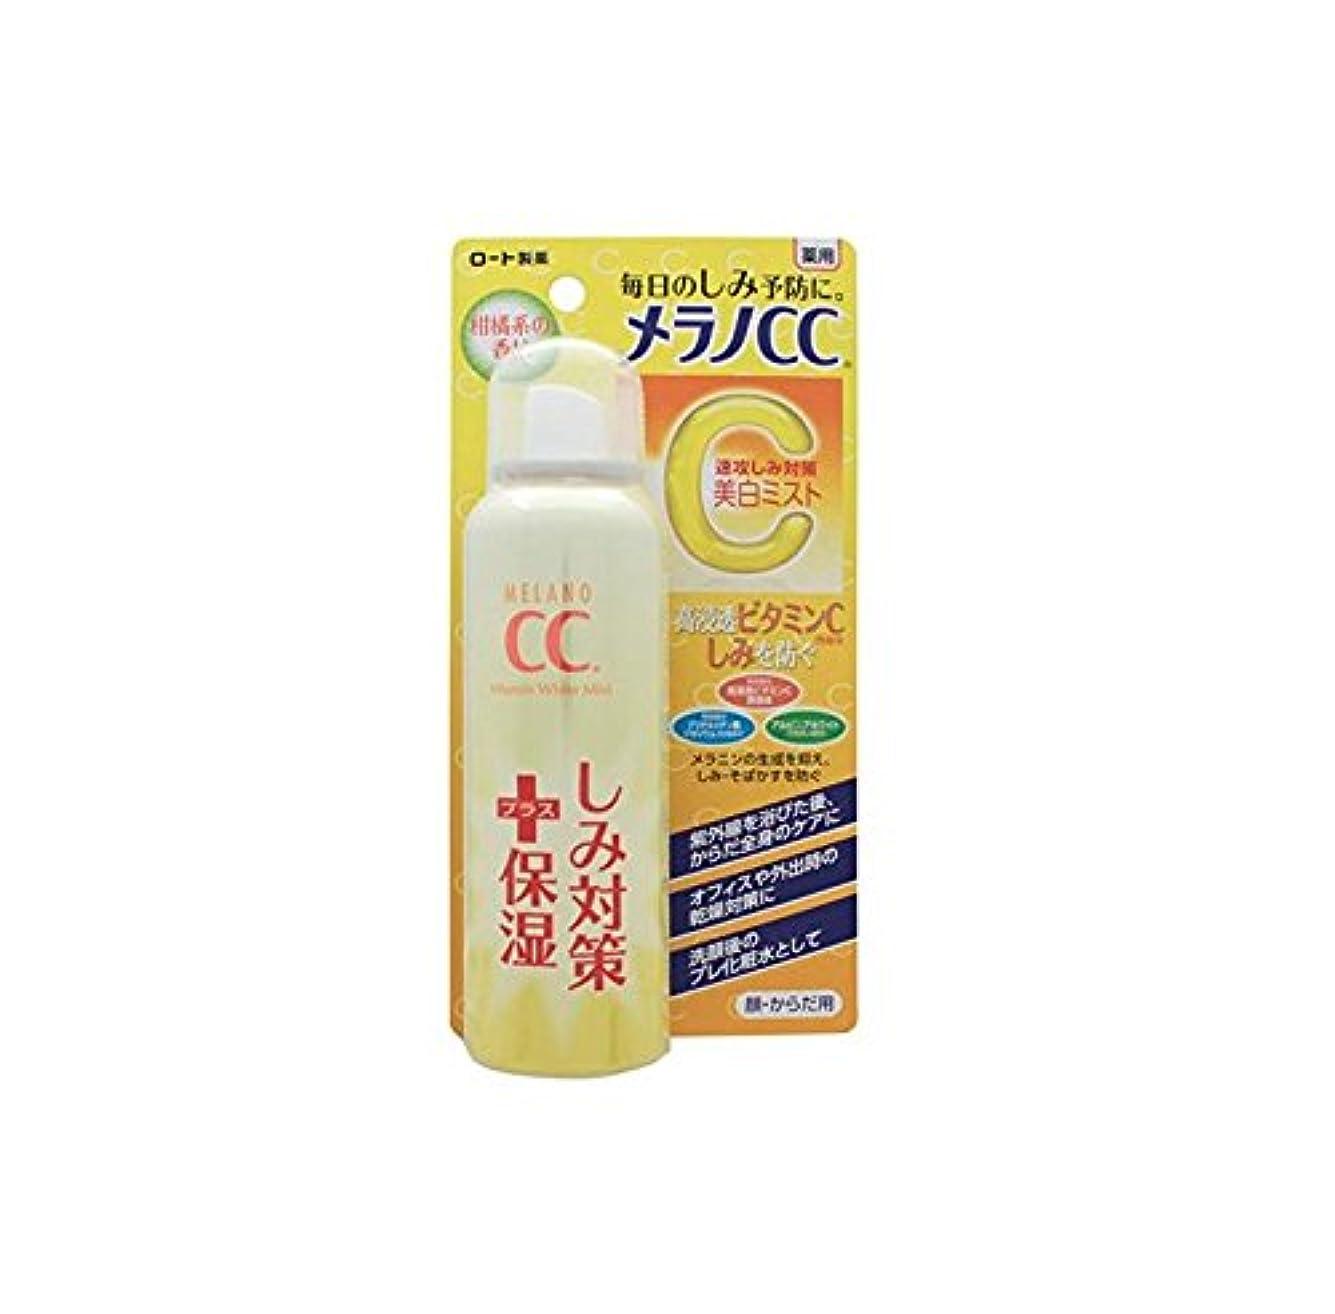 フォーマルオーバーラン反映するメラノCC 薬用しみ対策 美白ミスト化粧水 100g【医薬部外品】